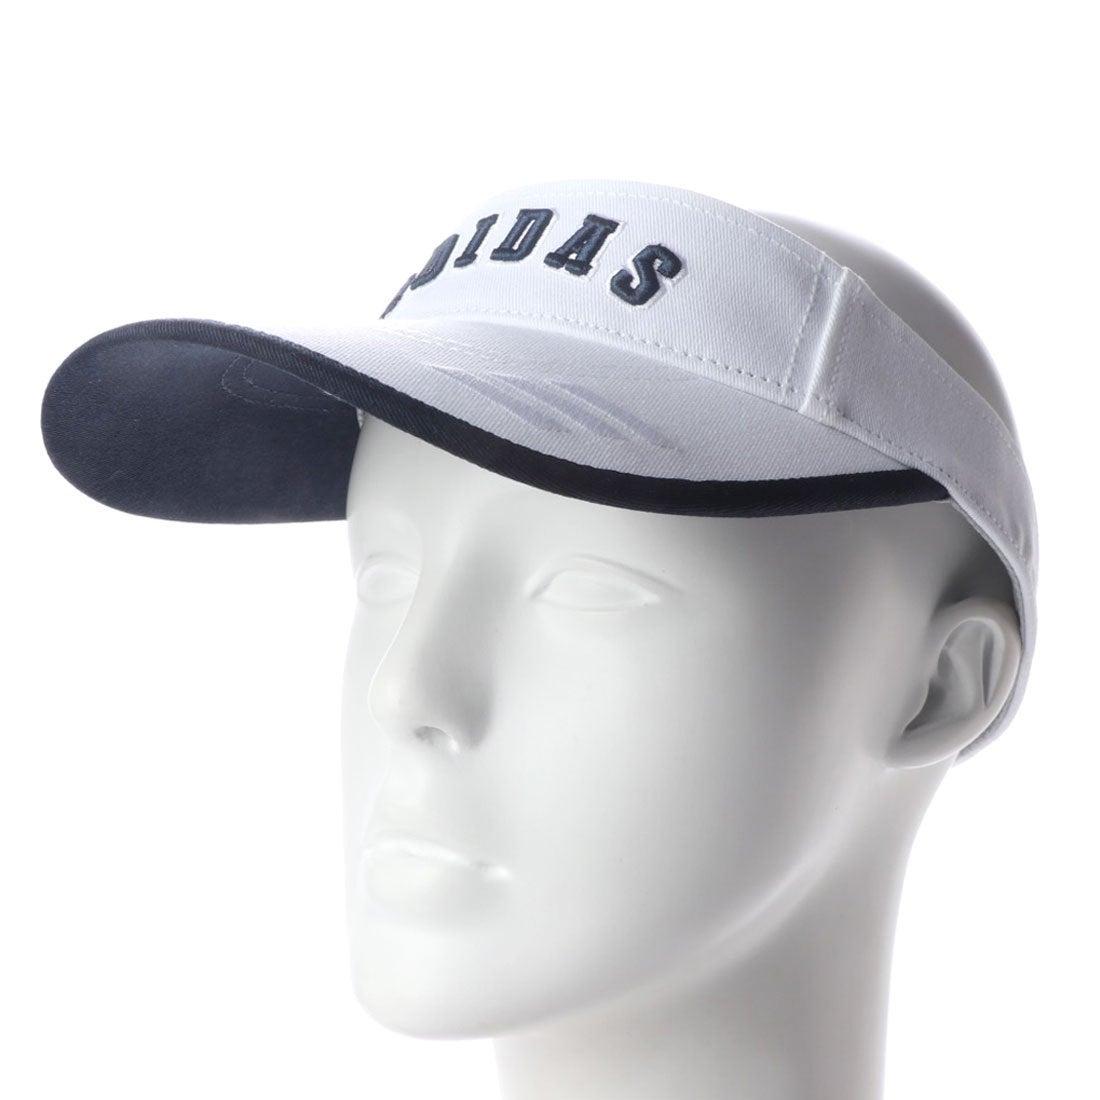 アディダス adidas レディース ゴルフ サンバイザー ADICROSS ツイルバイザー CL2097 (ホワイト)